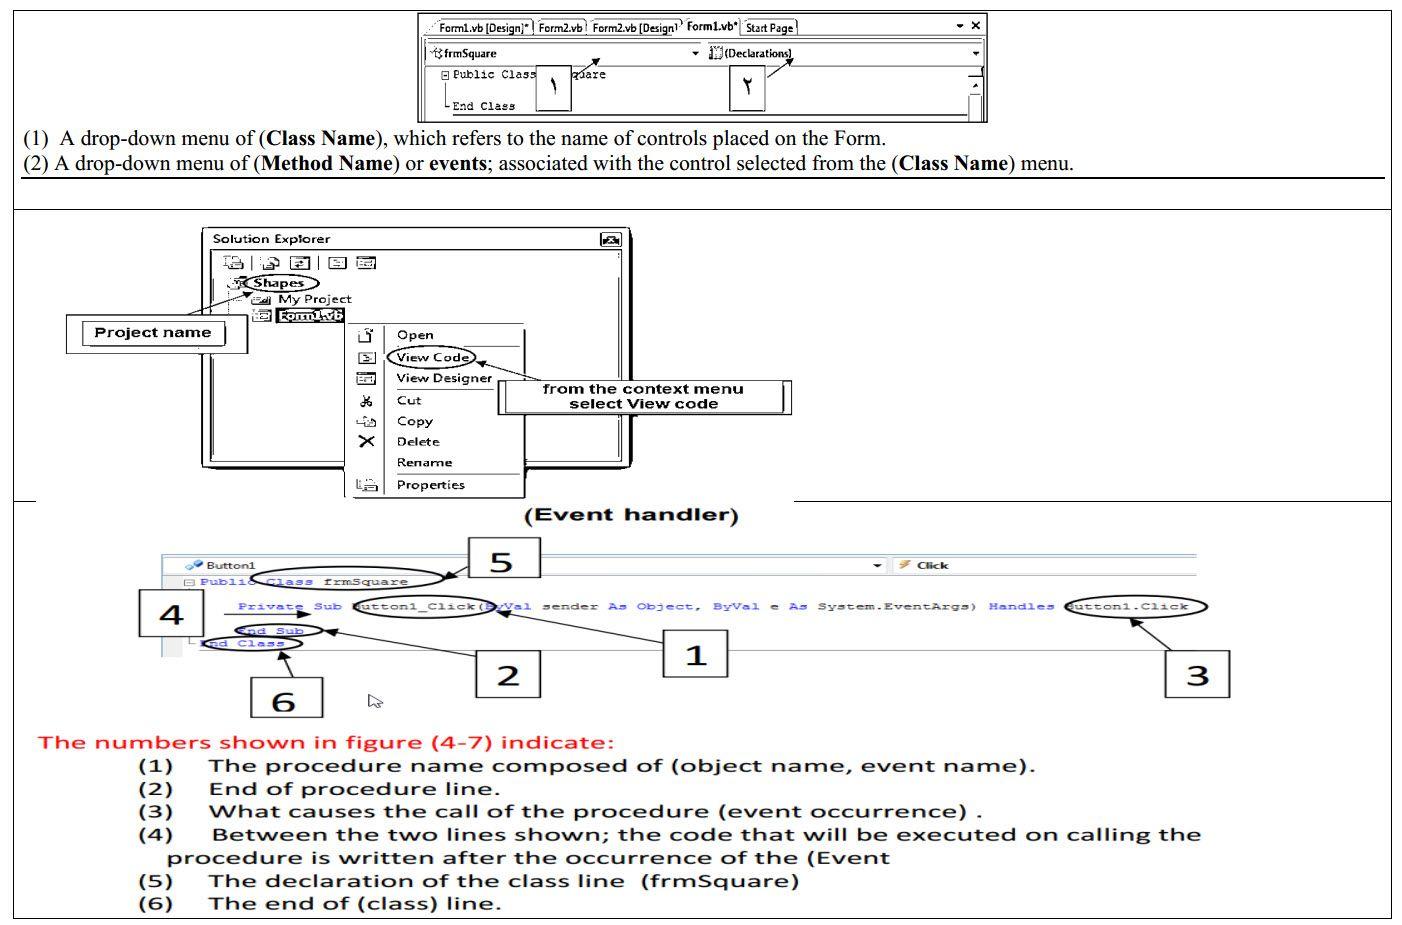 مذكرة Computer للصف الثالث الإعدادي الترم الأول Diagram Exam